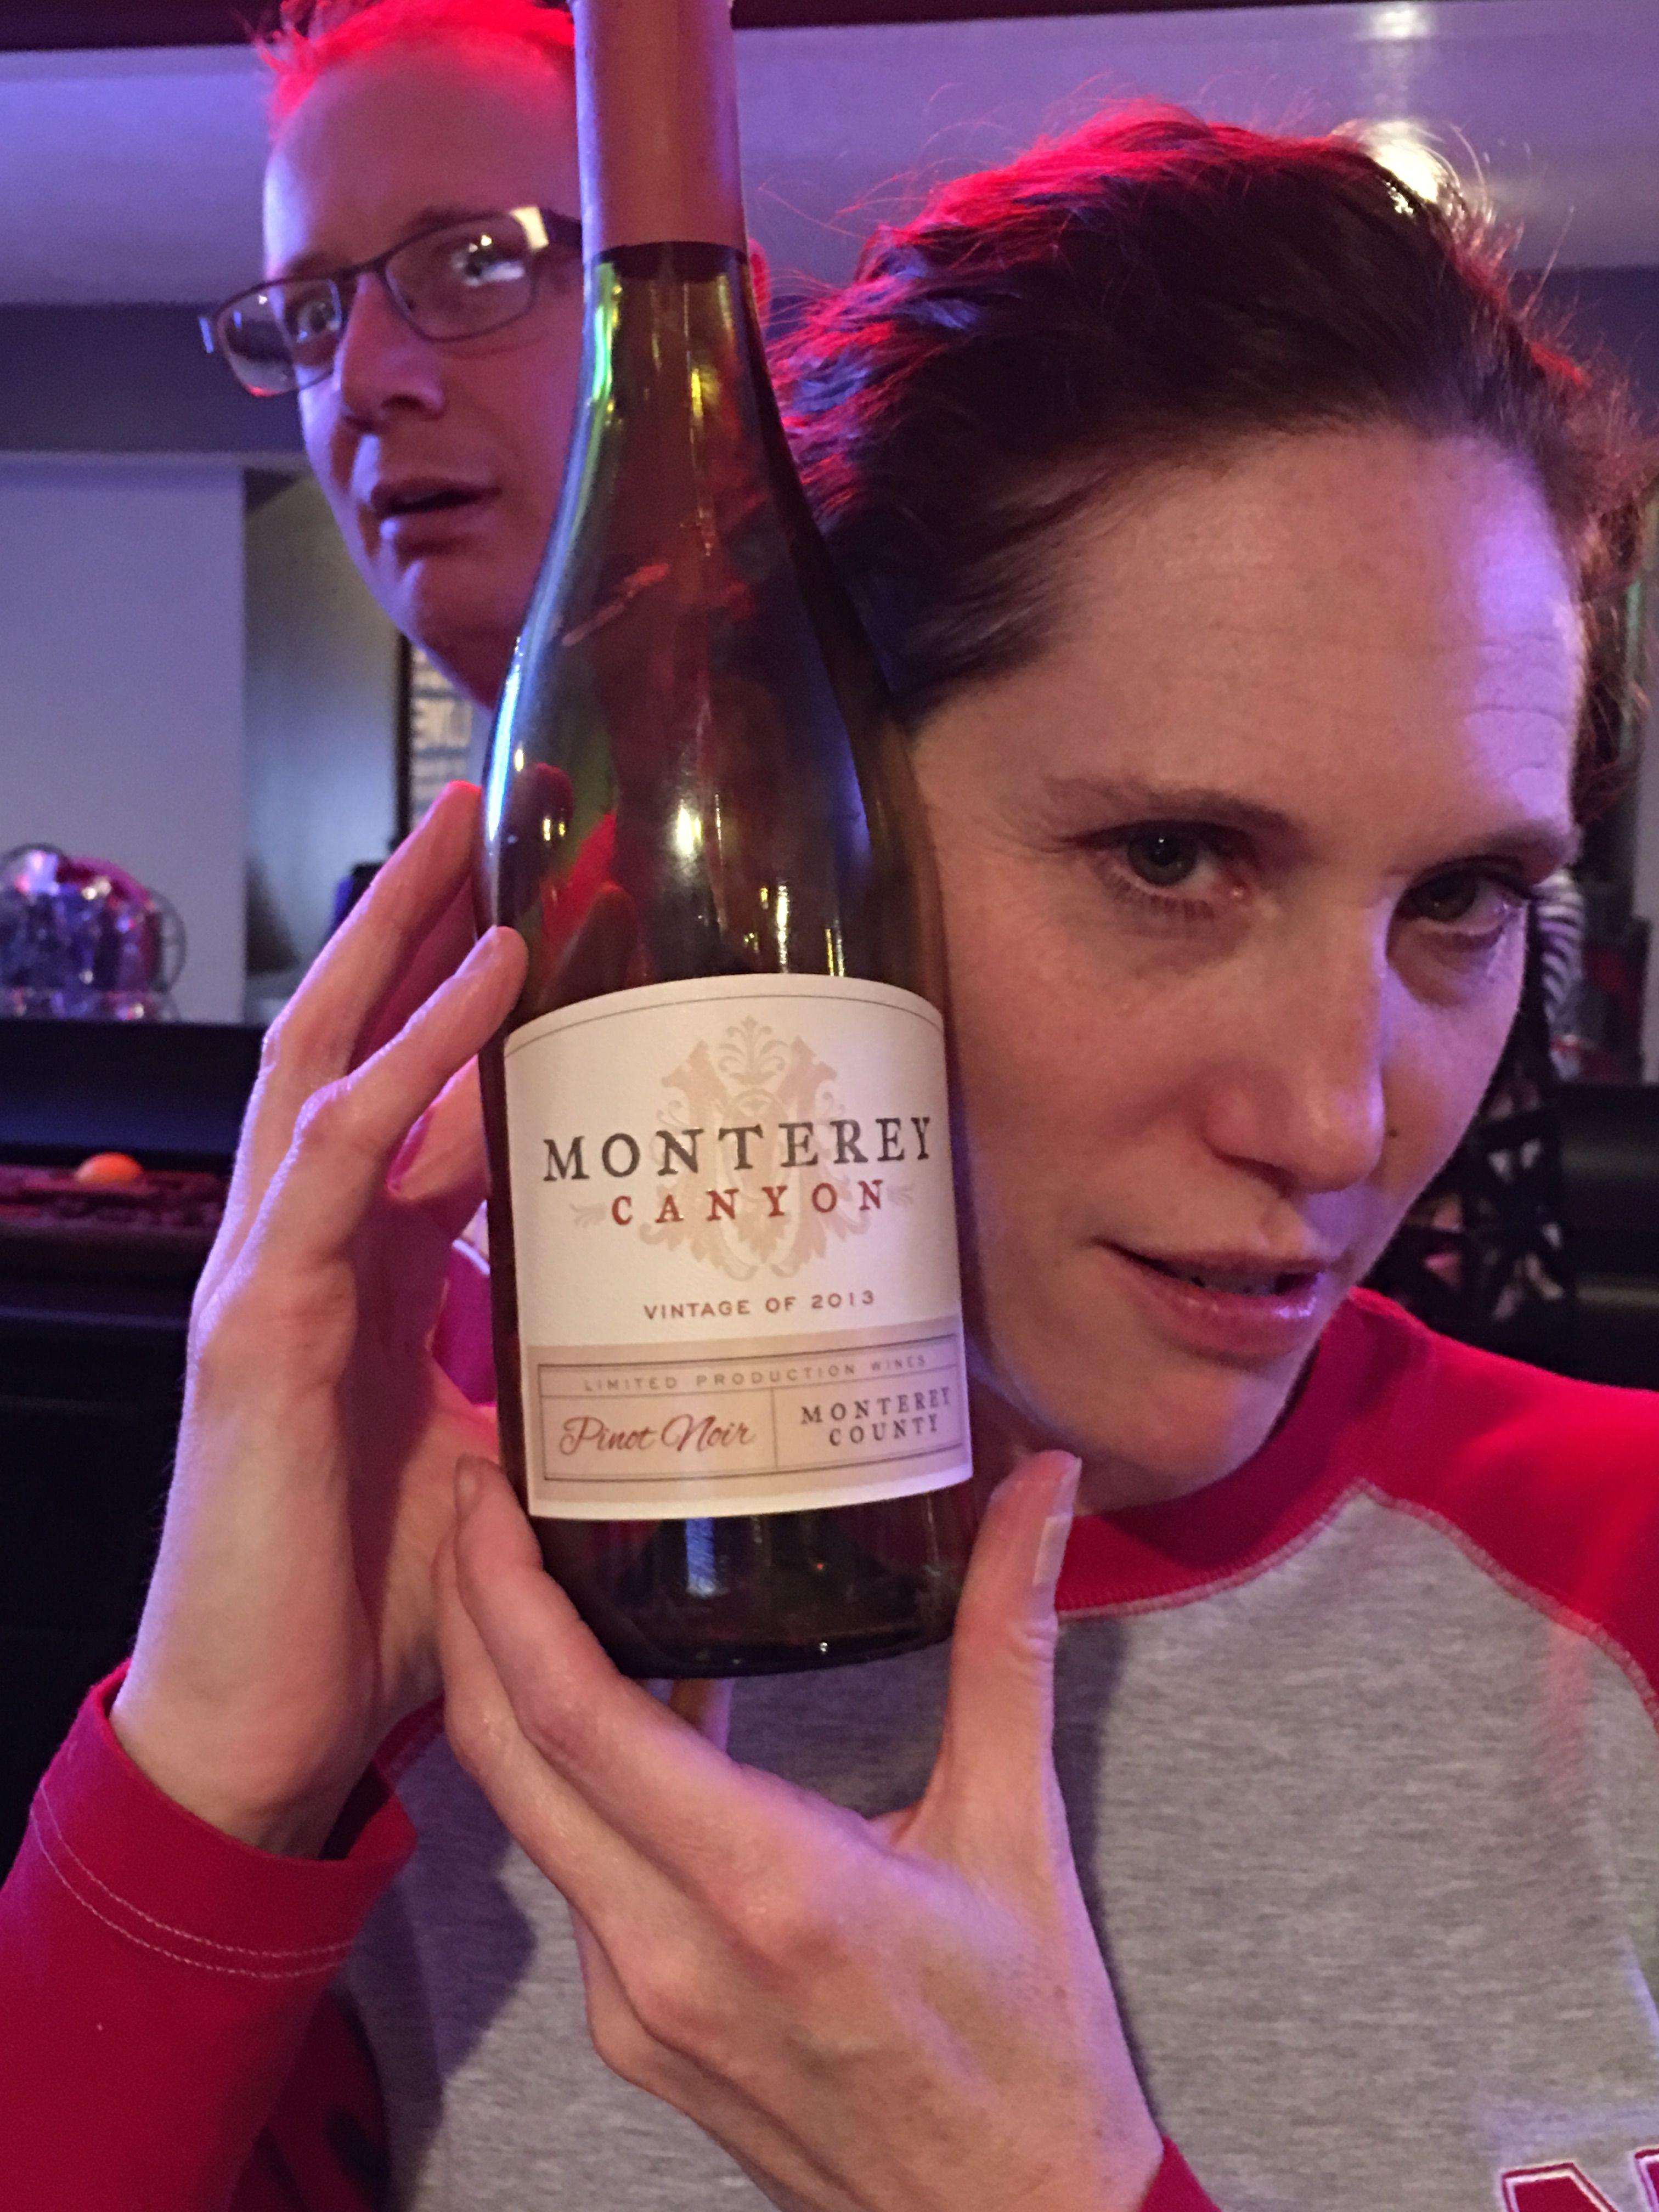 Pin By Beth Oneil On Wine List Wine Bottle Wine List Rose Wine Bottle